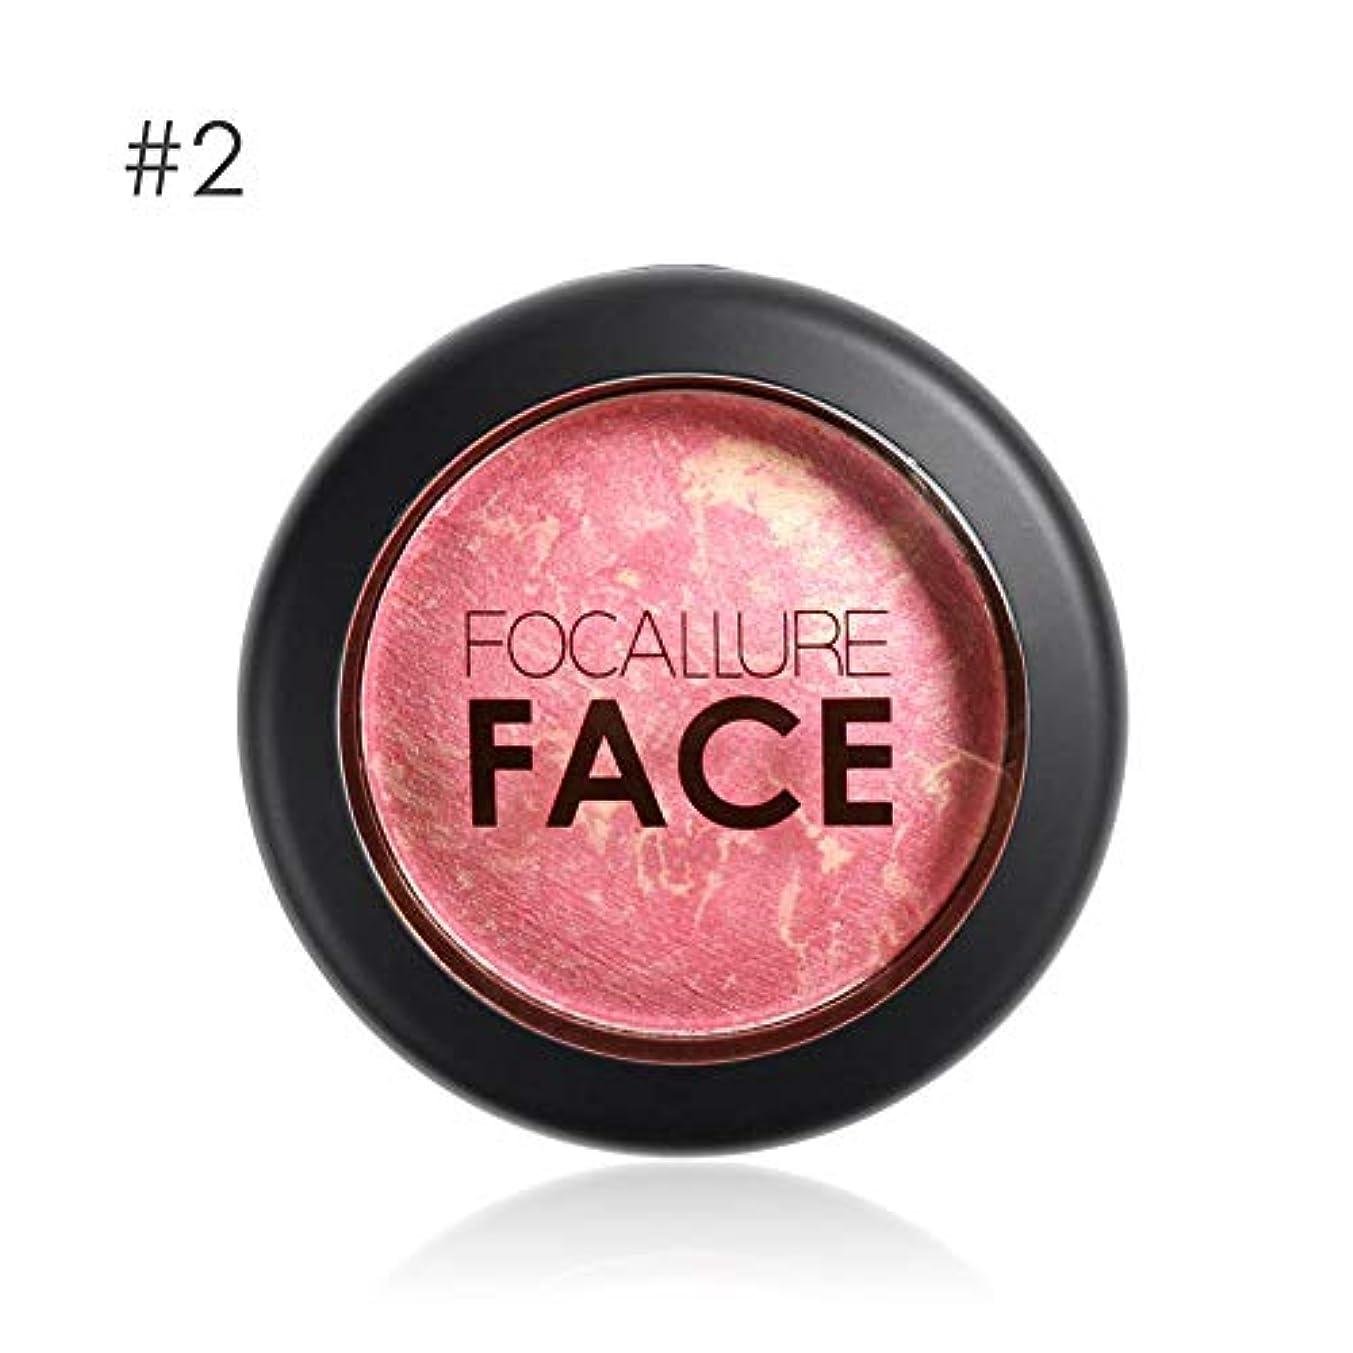 デッキつかまえる採用するFocallure 6色プロフェッショナル頬焼き赤面フェイス輪郭頬紅メイク - 2#